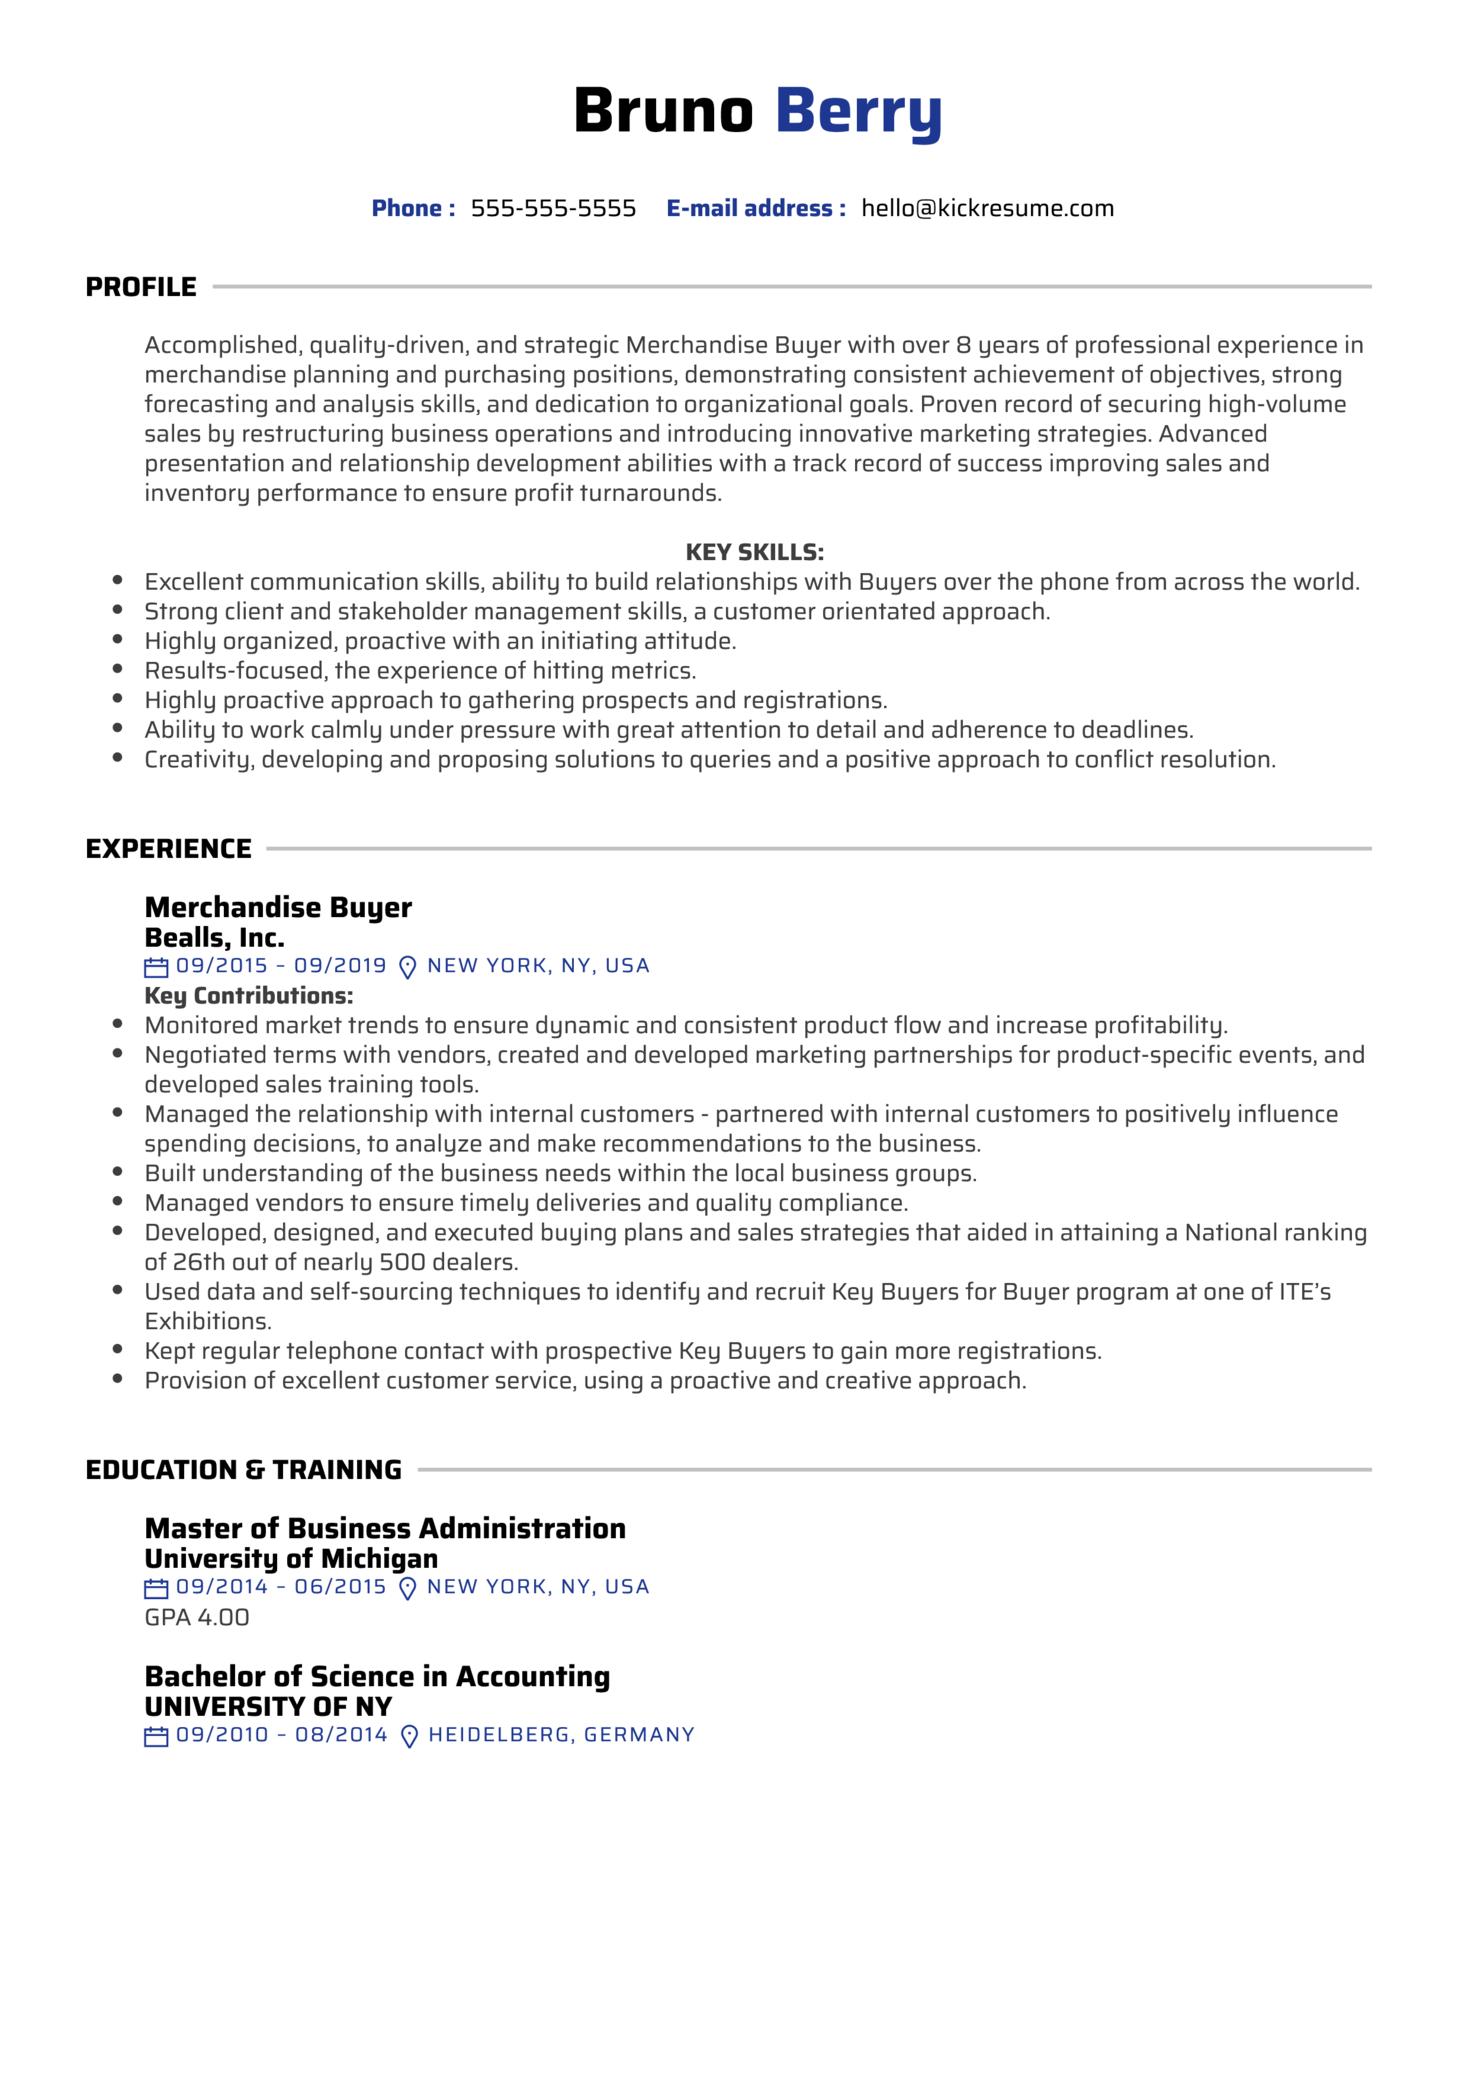 Merchandise Buyer Resume Sample (Part 1)